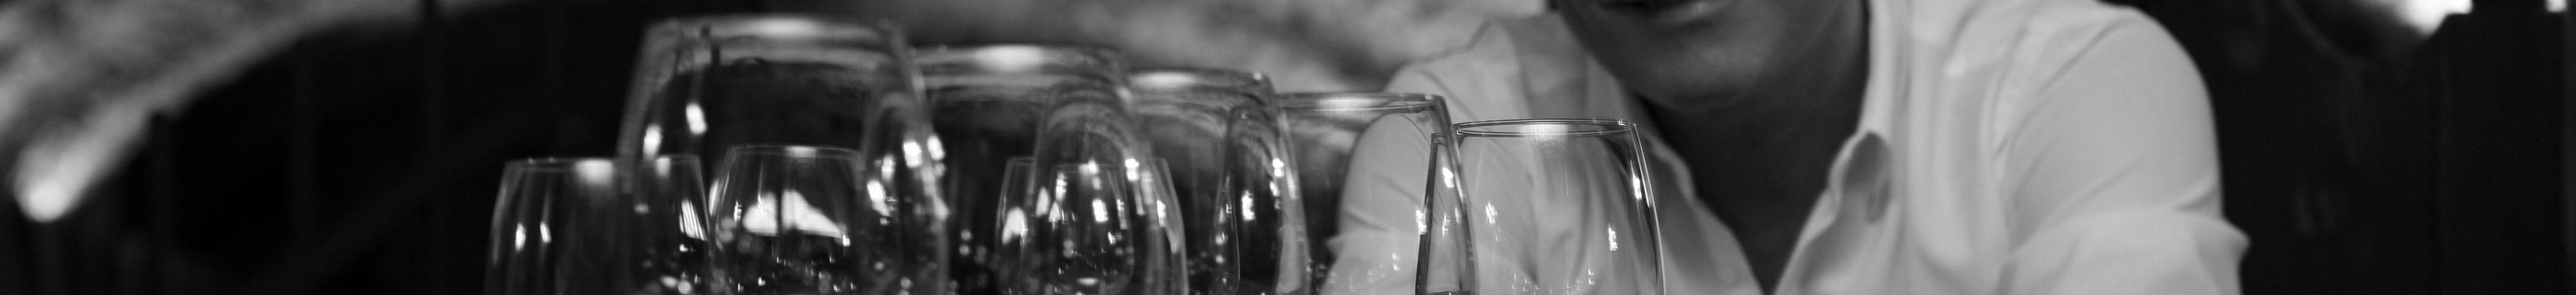 Gianni Menotti: Professione enologo